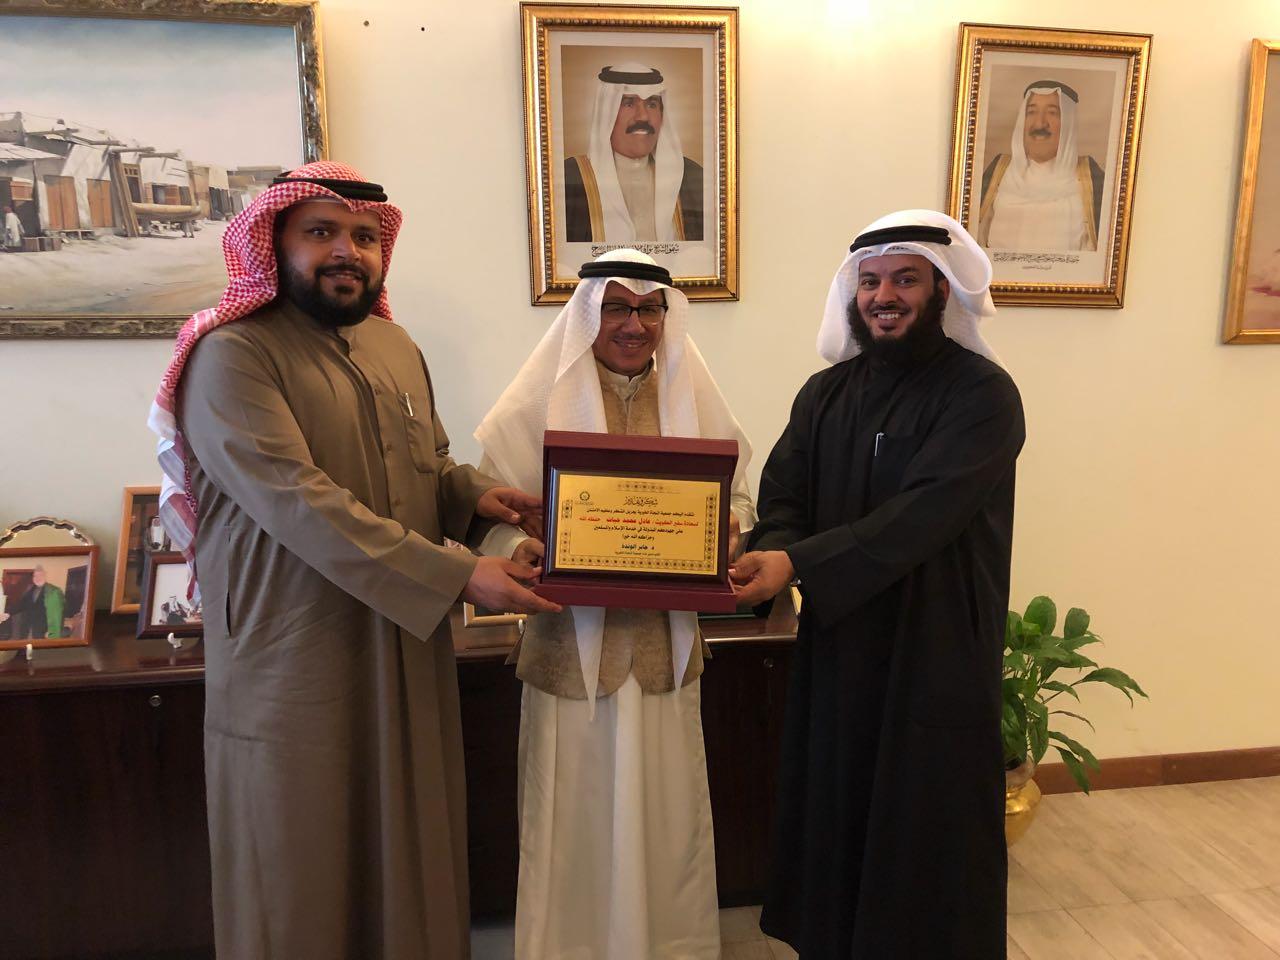 النجاة الخيرية والكويتية للإغاثة يكرمان سفير الكويت ببنجلاديش